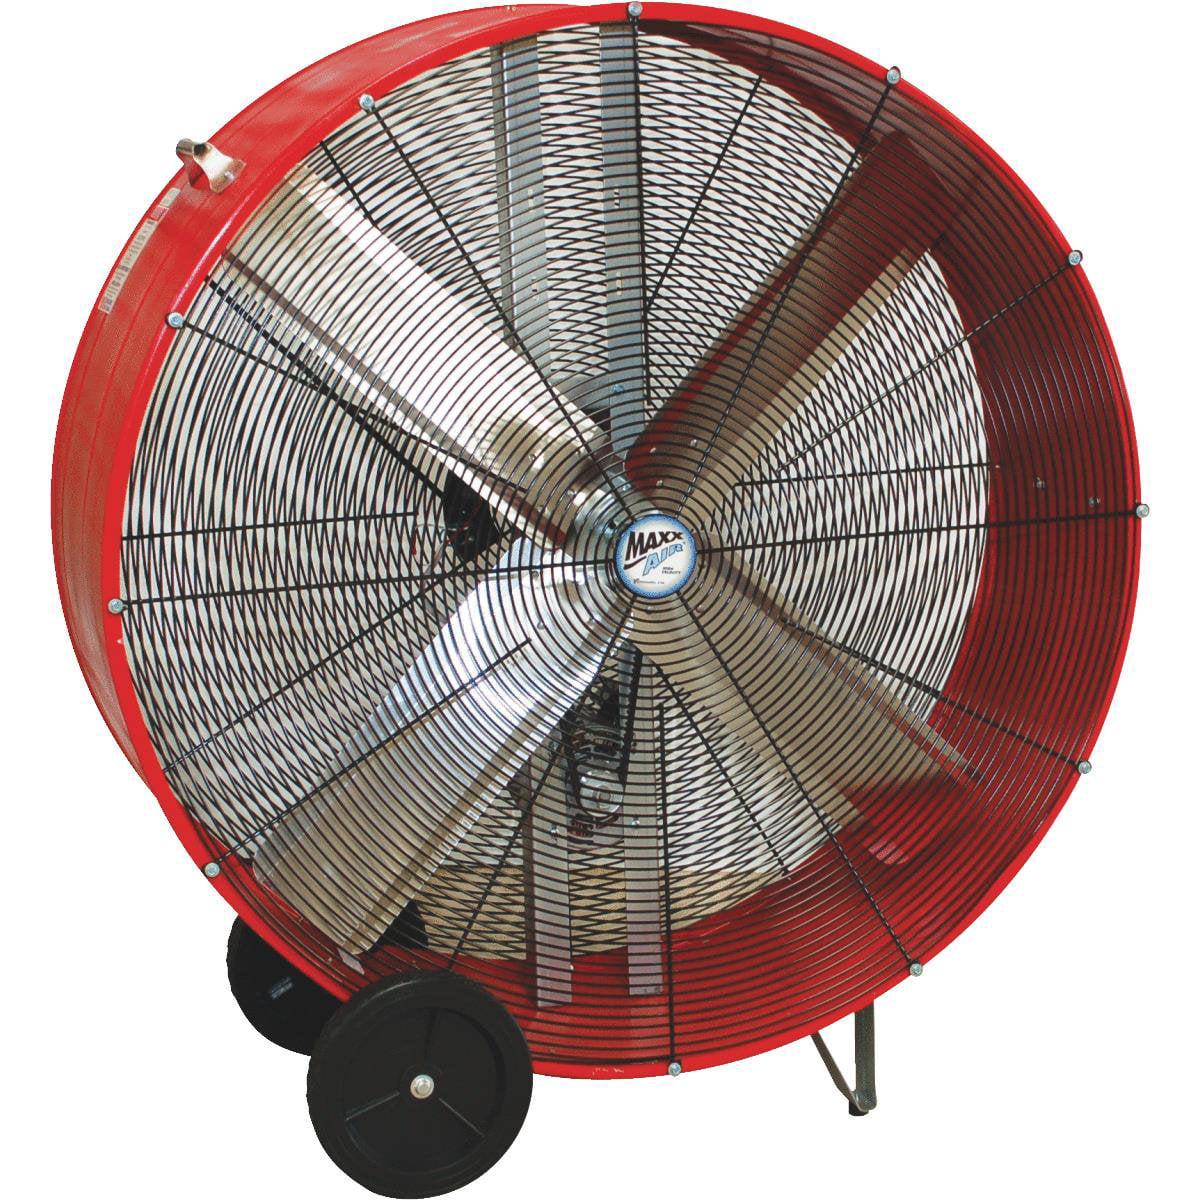 Maxxair Ventamatic Maxx Air Belt Drive Industrial Drum Fan